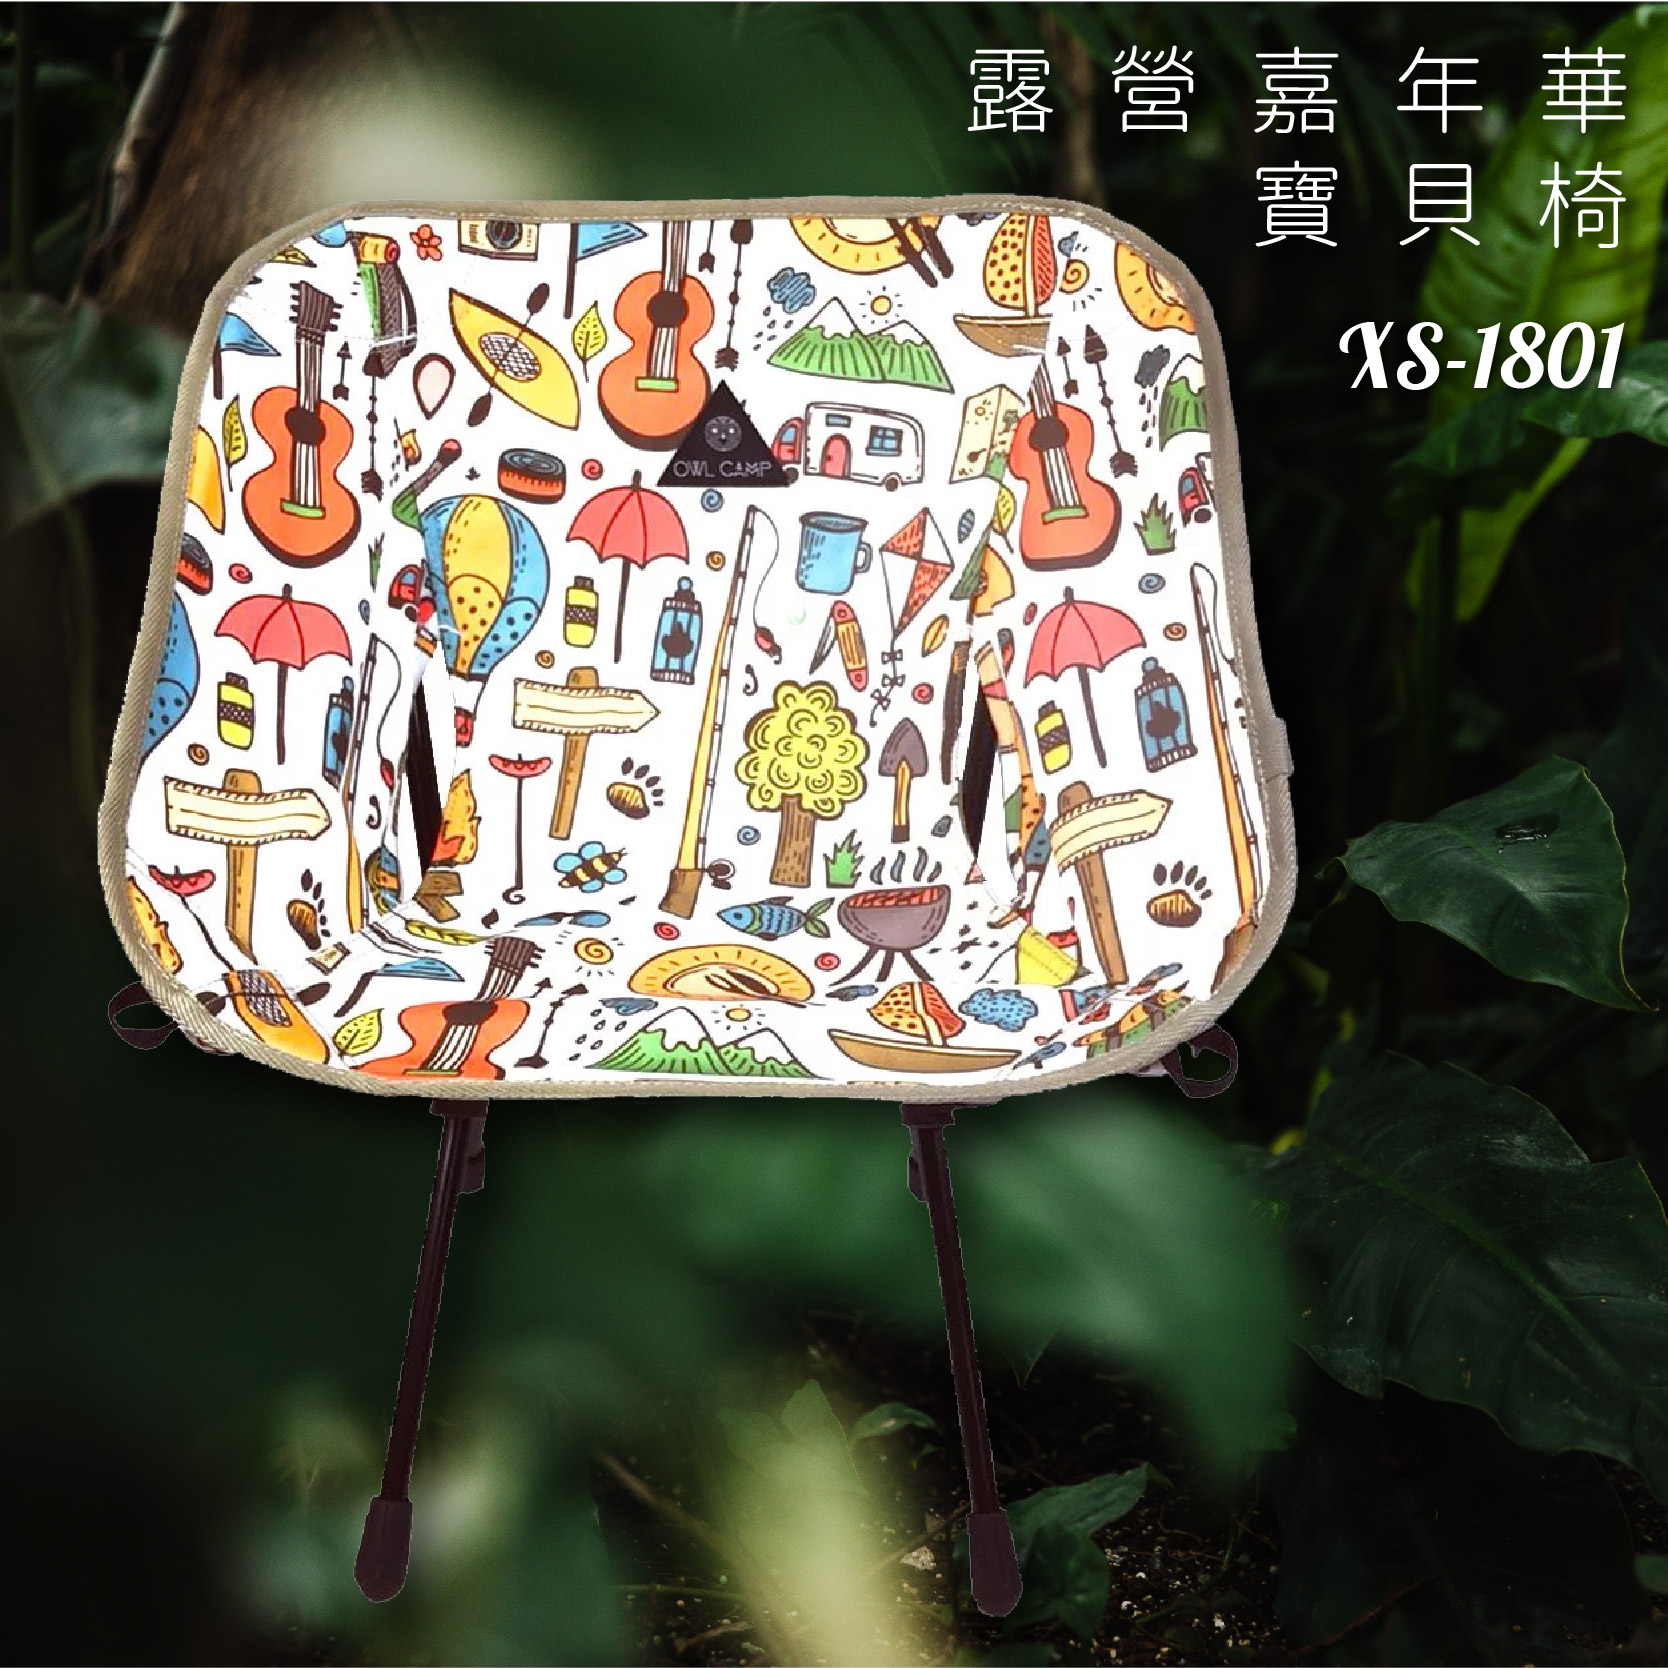 好想去旅行!寶貝椅 XS-1801 露營嘉年華 露營椅 摺疊椅 收納椅 沙灘椅 輕巧 時尚 旅行 假期 鋁合金 機能布